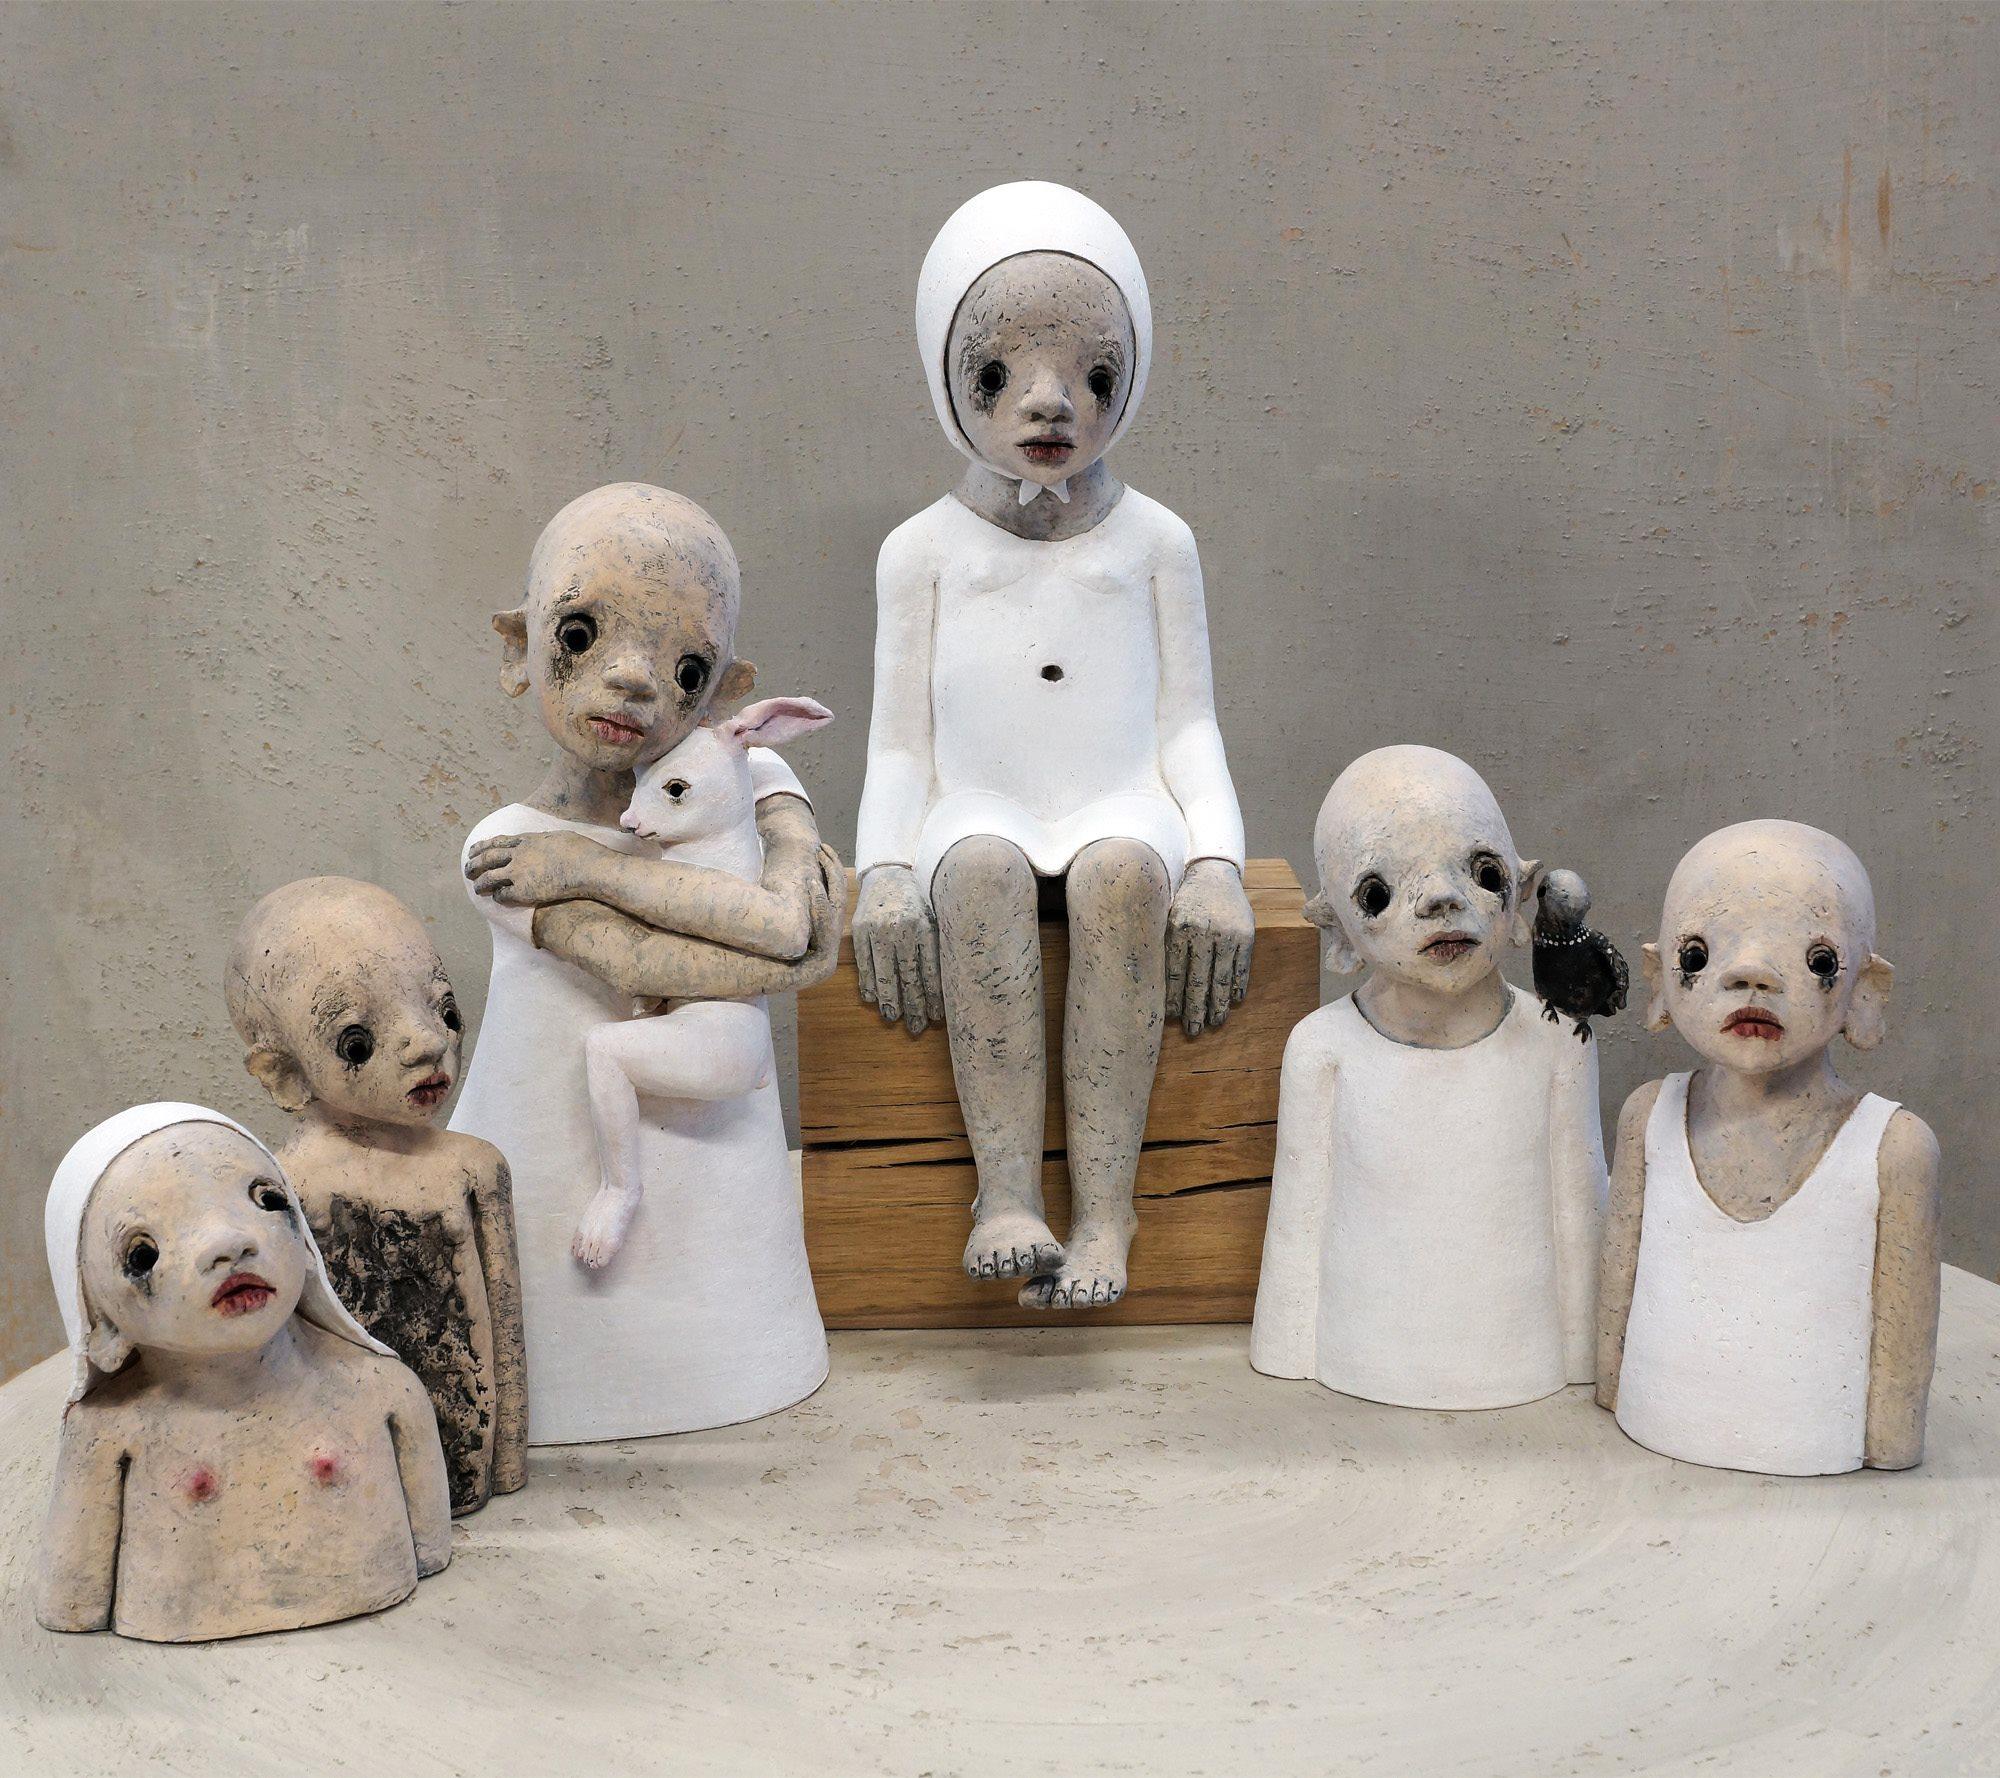 Nathalie Gauglin – Exposition du 3 au 22 janvier 2017 à la Galerie Claudine Legrand